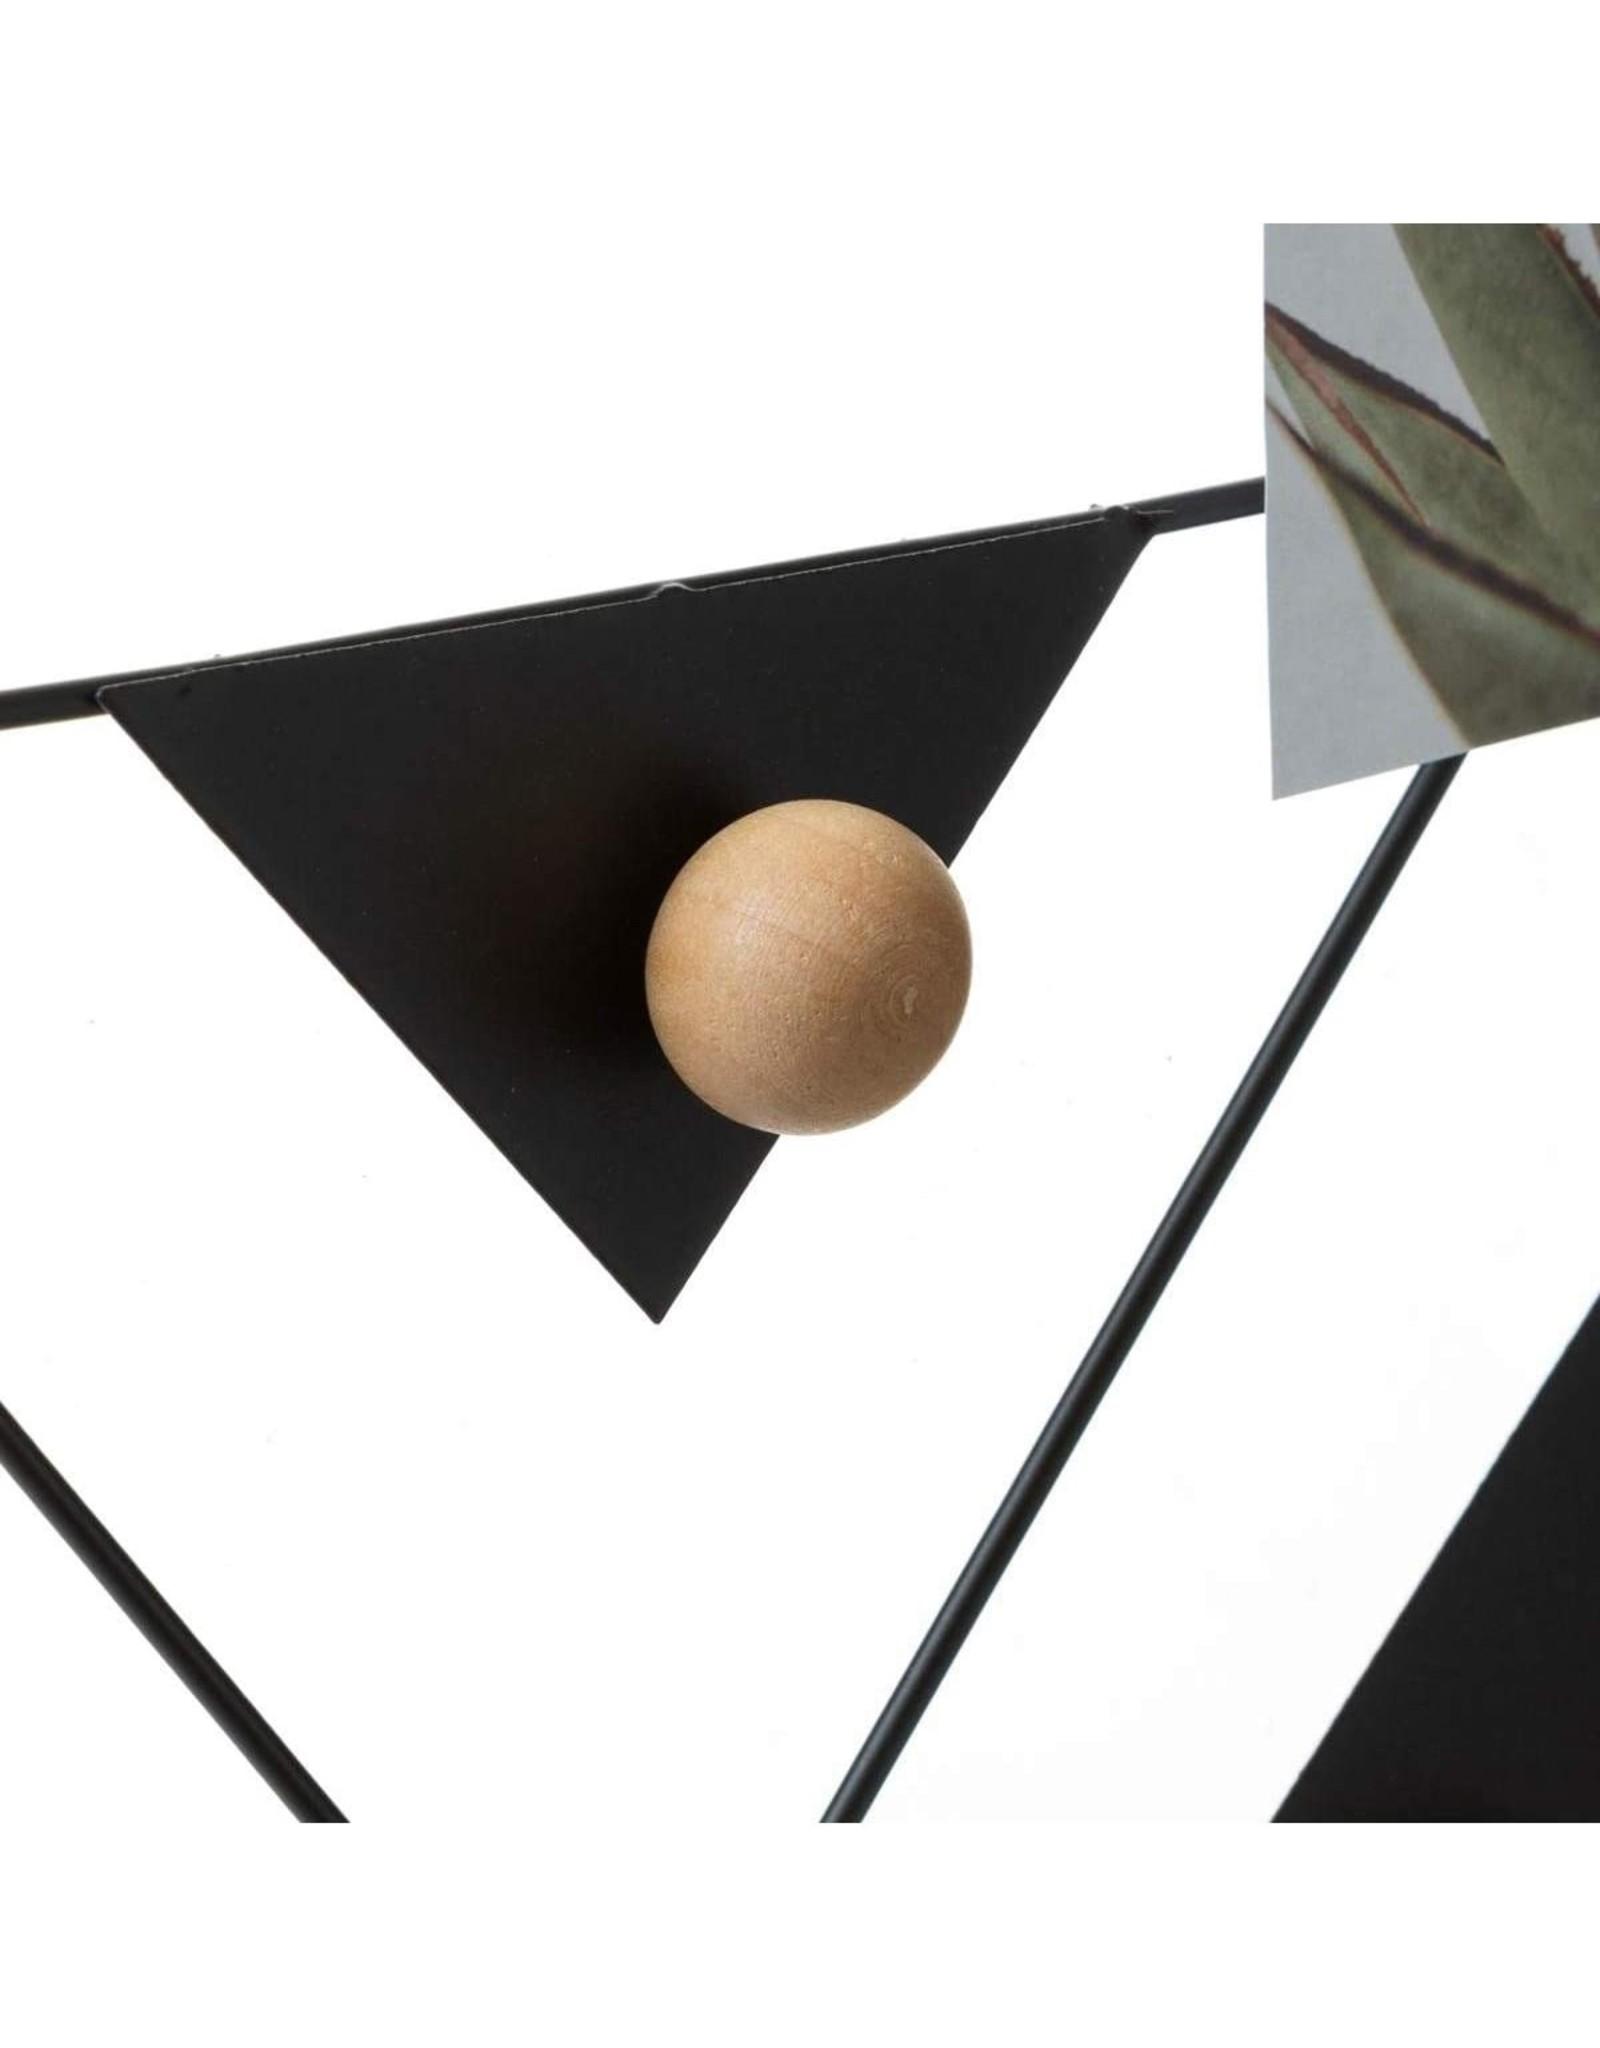 Atmosphera Atmosphera - Wandhouder 35x55 voor foto's - Muurbevestiging - Metaal - Zwart